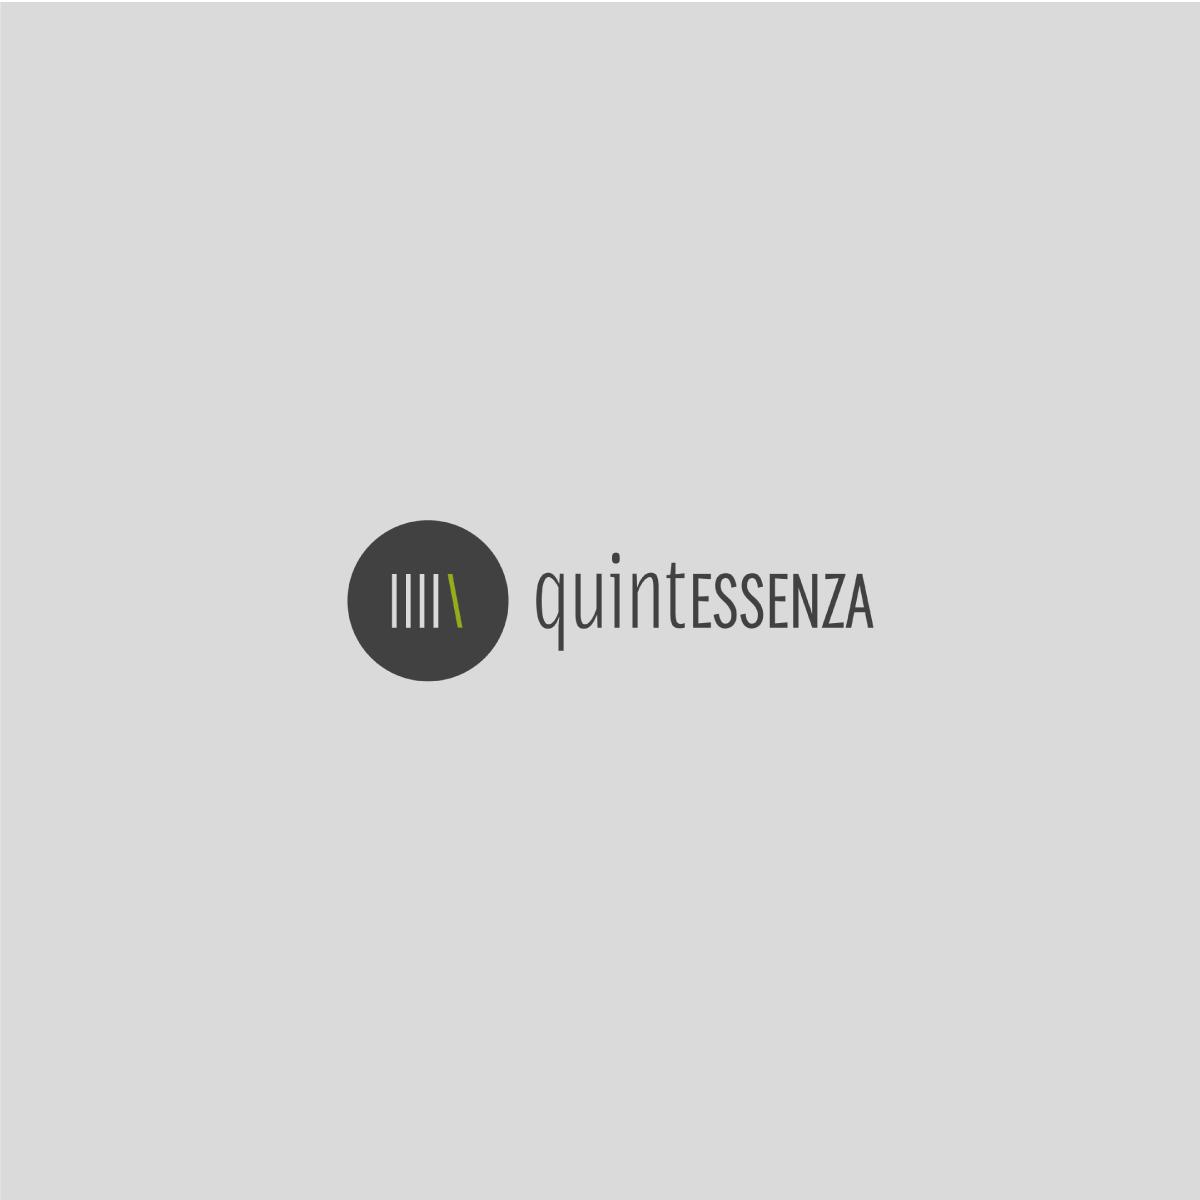 7-MADI_clienti_quintessenza-design